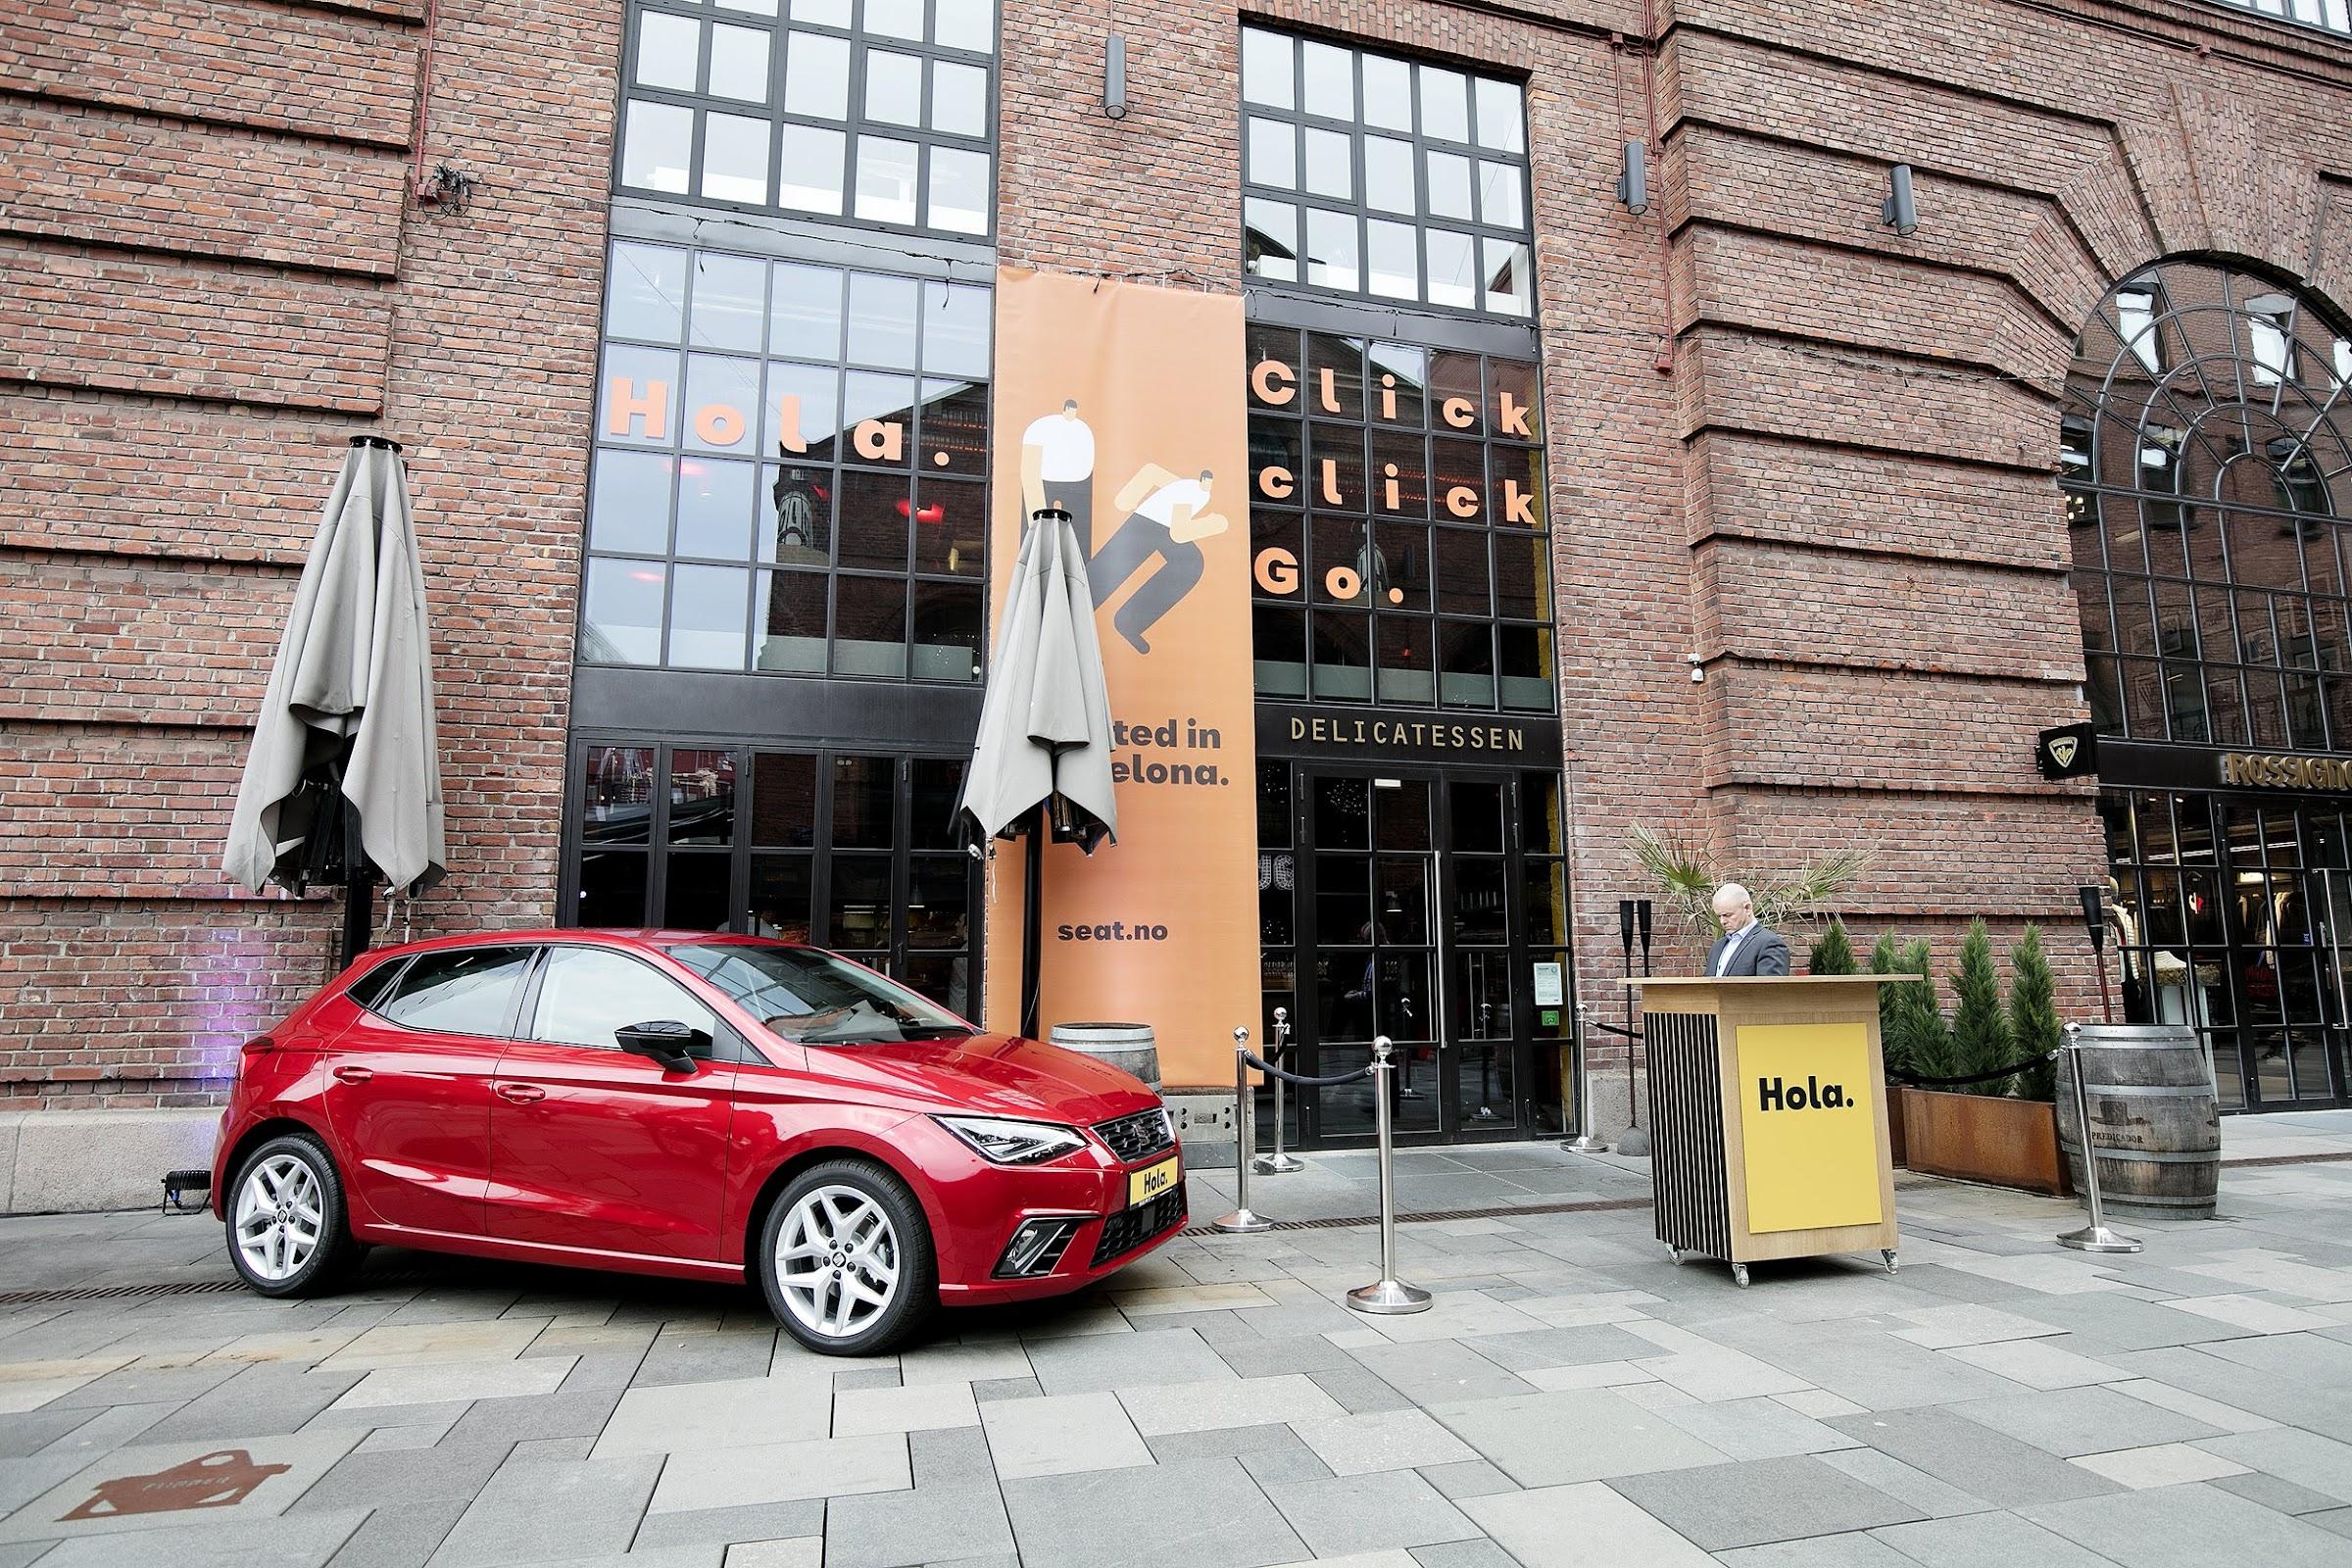 yvPEjClxOF7TClyd822CL8fazmyevt8Fft KEQGpVvinn0Il35mbfTDBwofHJx6crFM 0Sv9ORAp3 vXX6eKucplu gPnvawW RaOD7h7rFx3SoYA2iQE22vSTm ZXkh2qGloS7qHw=w2400 - Seat desembarca en Noruega, con innovaciones en el sistema de venta